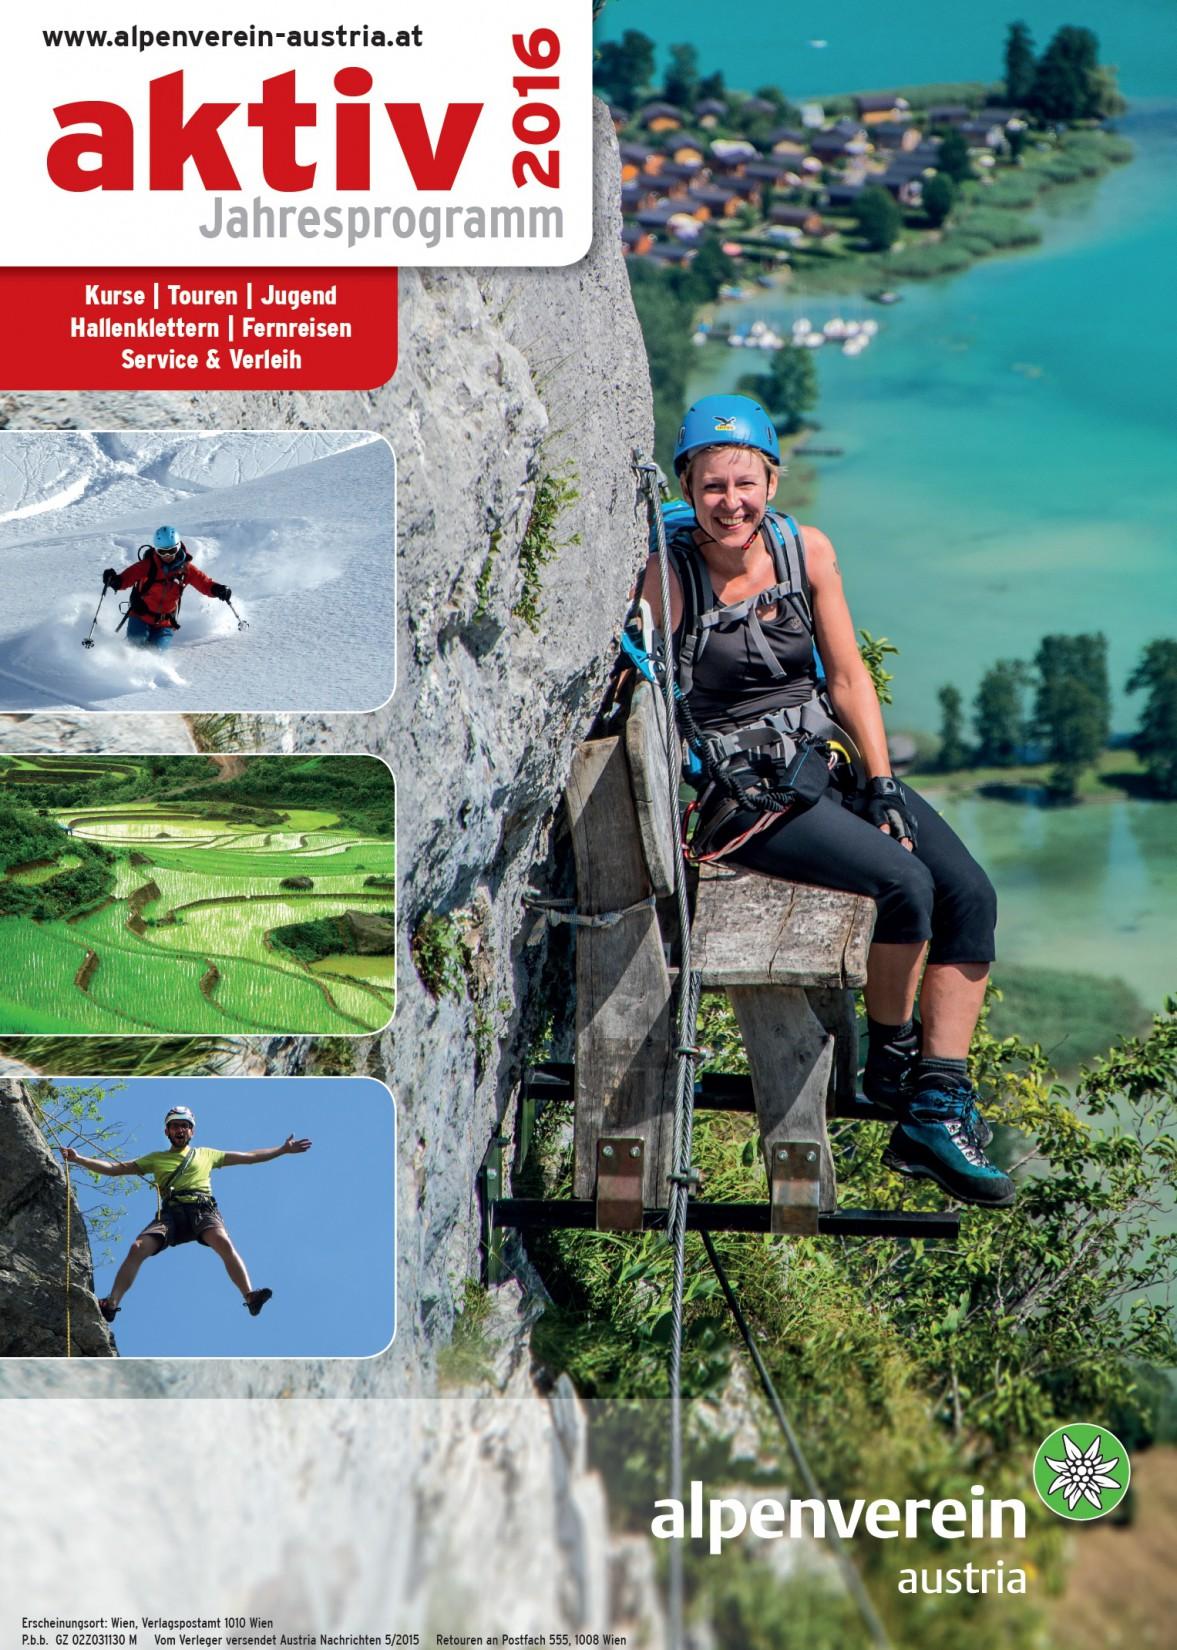 Alpenverein Austria - Jahresprogramm